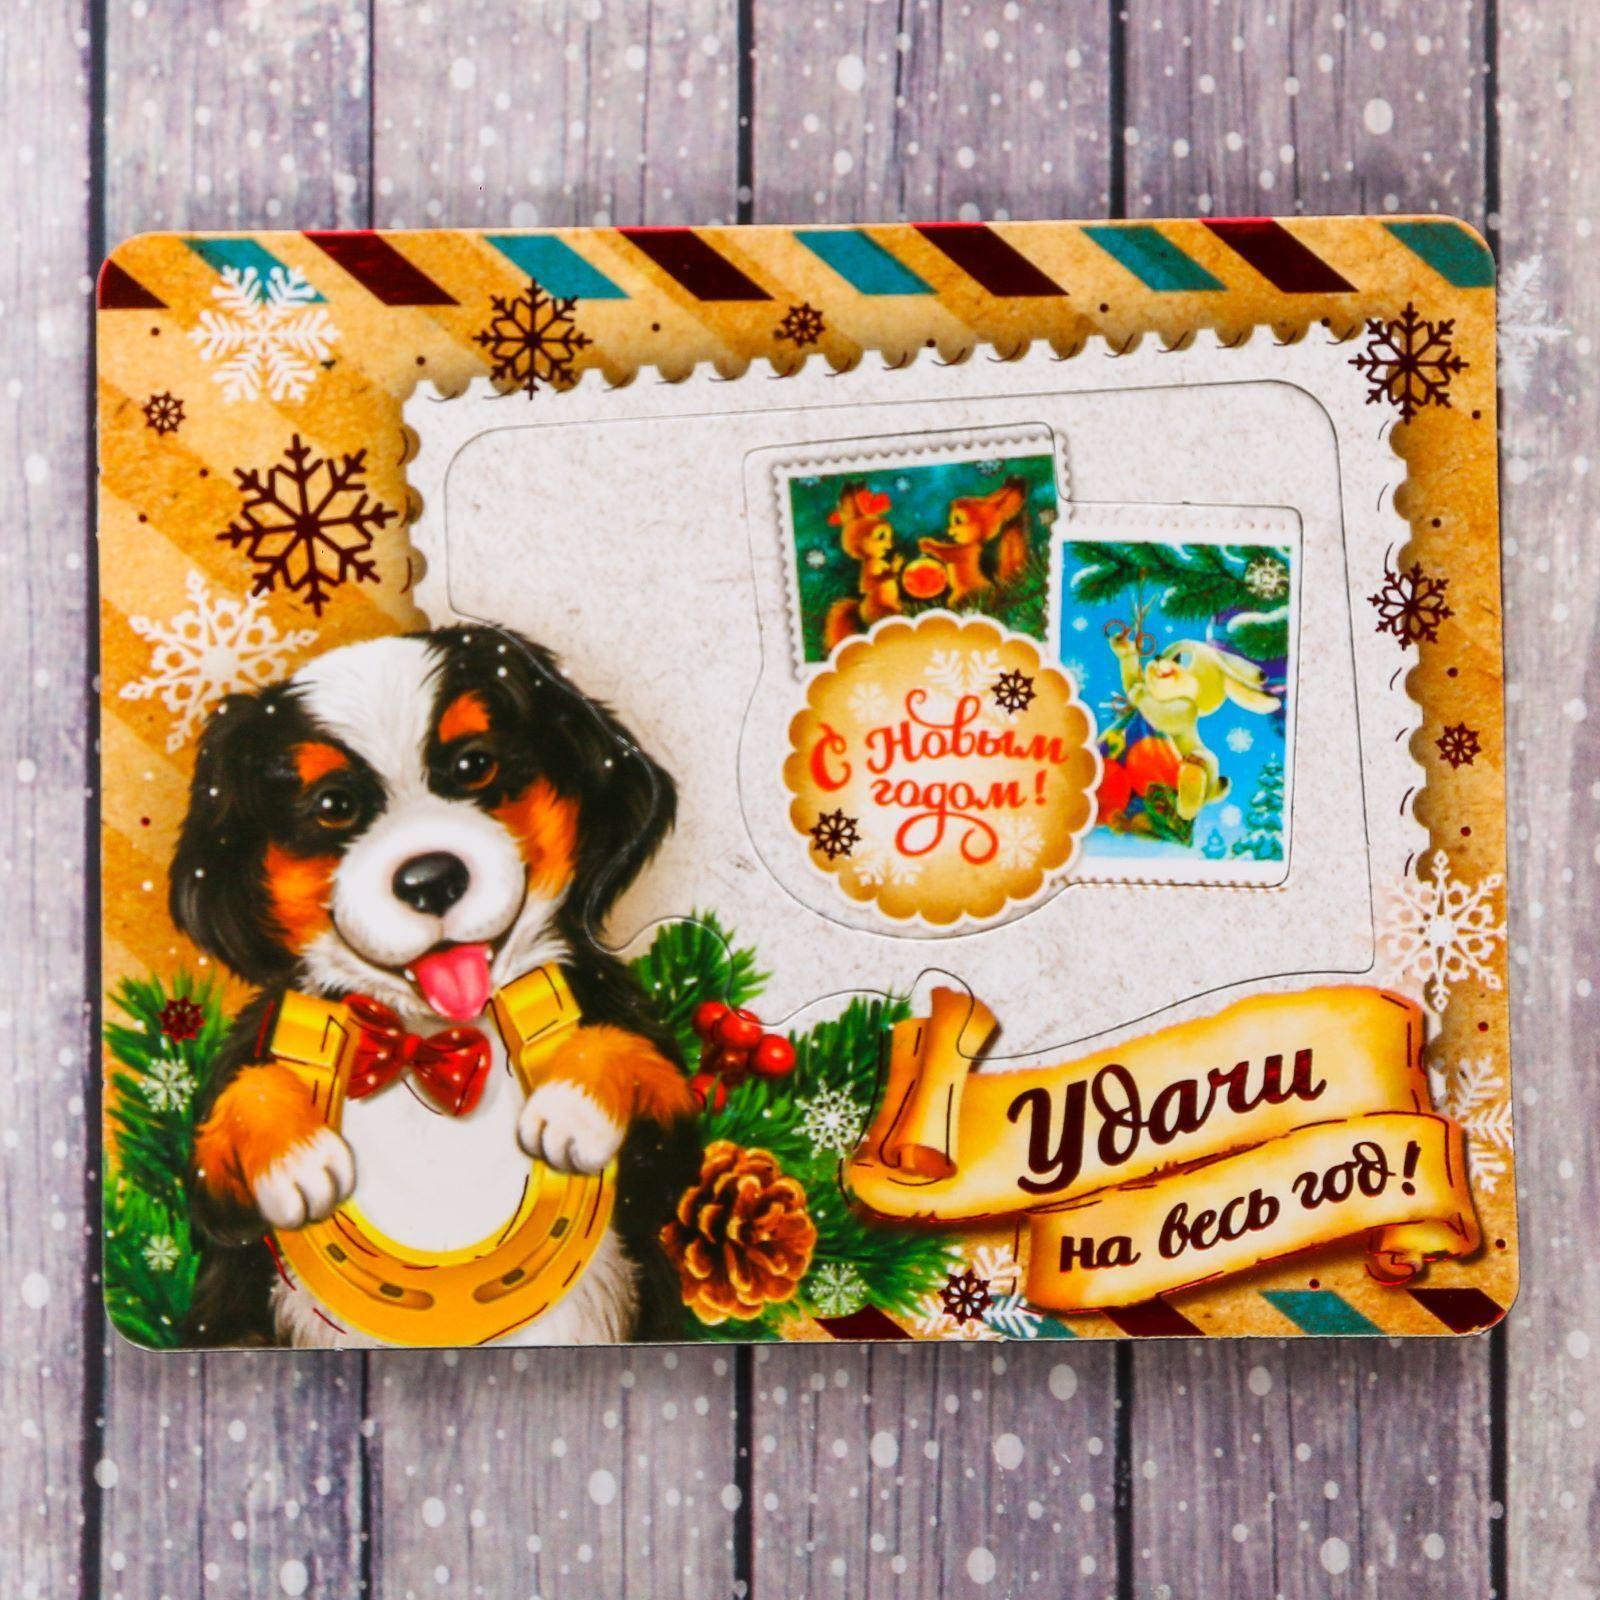 Магнит-фоторамка Sima-land Удачи на весь год, 10 х 8 см2002875Порадуйте родных и близких оригинальным сувениром: преподнесите в подарок магнит. С ним даже самый серьёзный человек почувствует себя ребёнком, ожидающим чудо! Создайте праздничное настроение, и оно останется с вами на весь год.